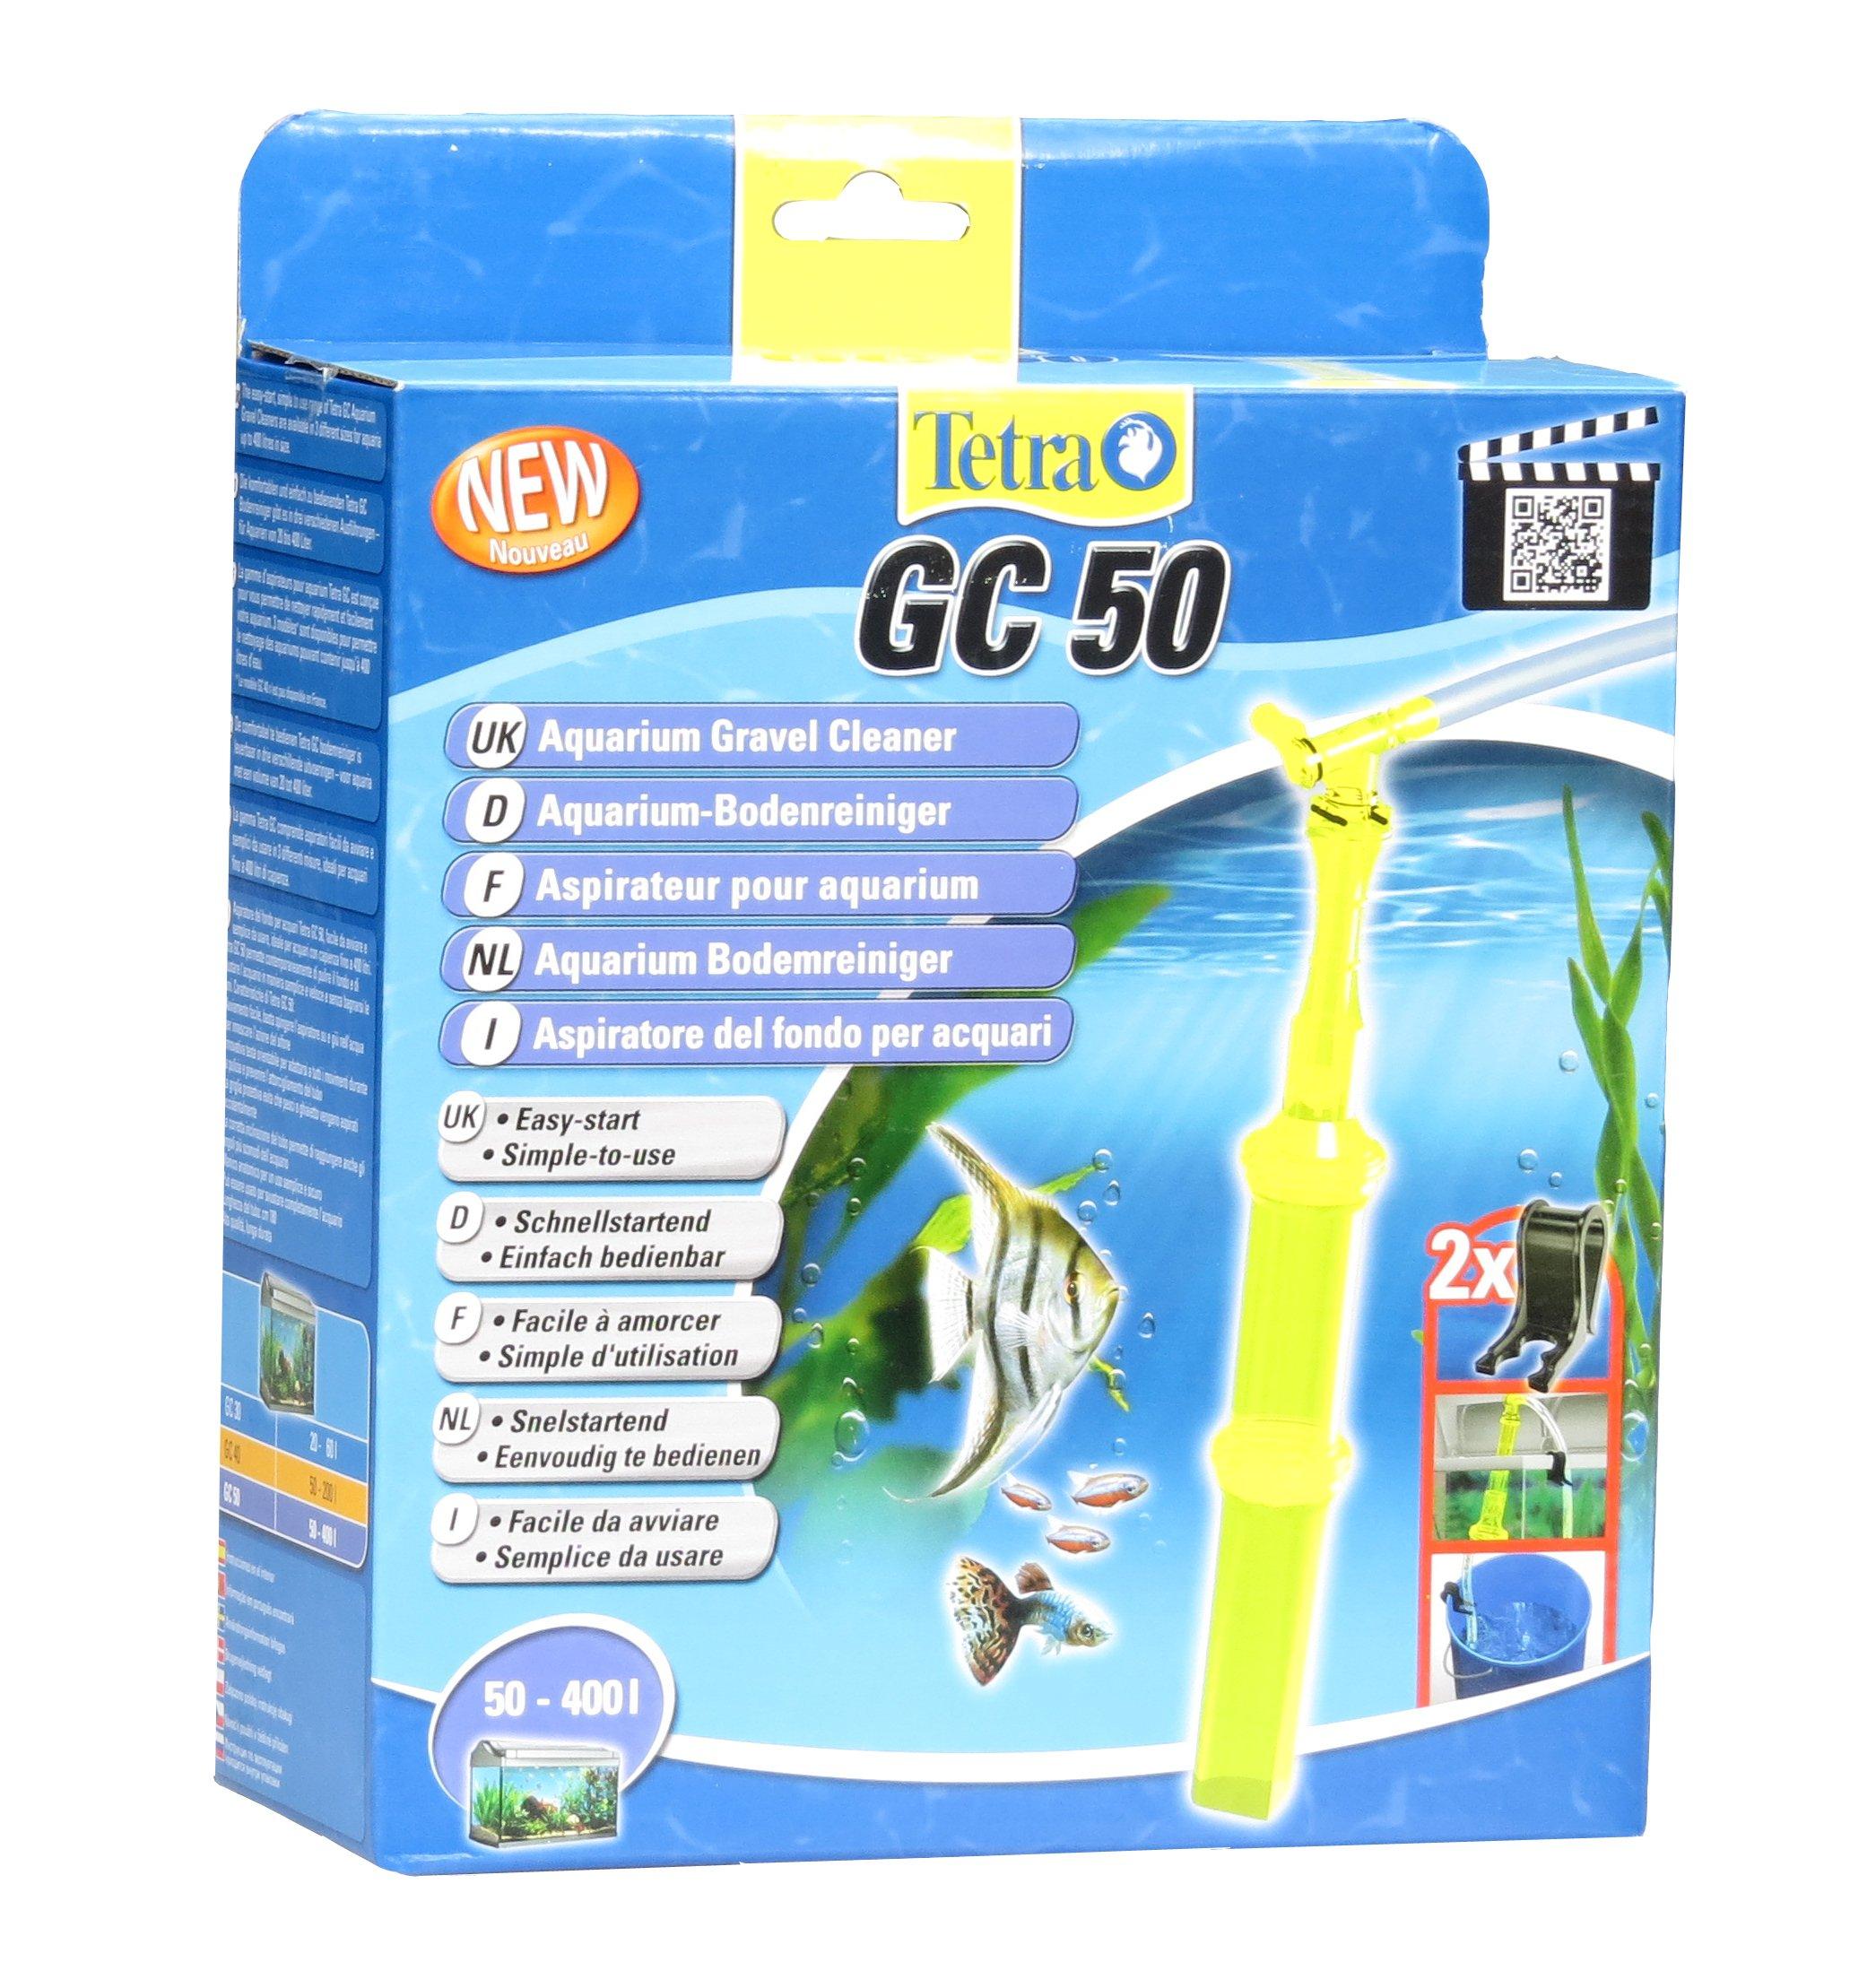 TETRA GC50 ODMULACZ NOWEJ GENERACJI+POMPKA 50-400